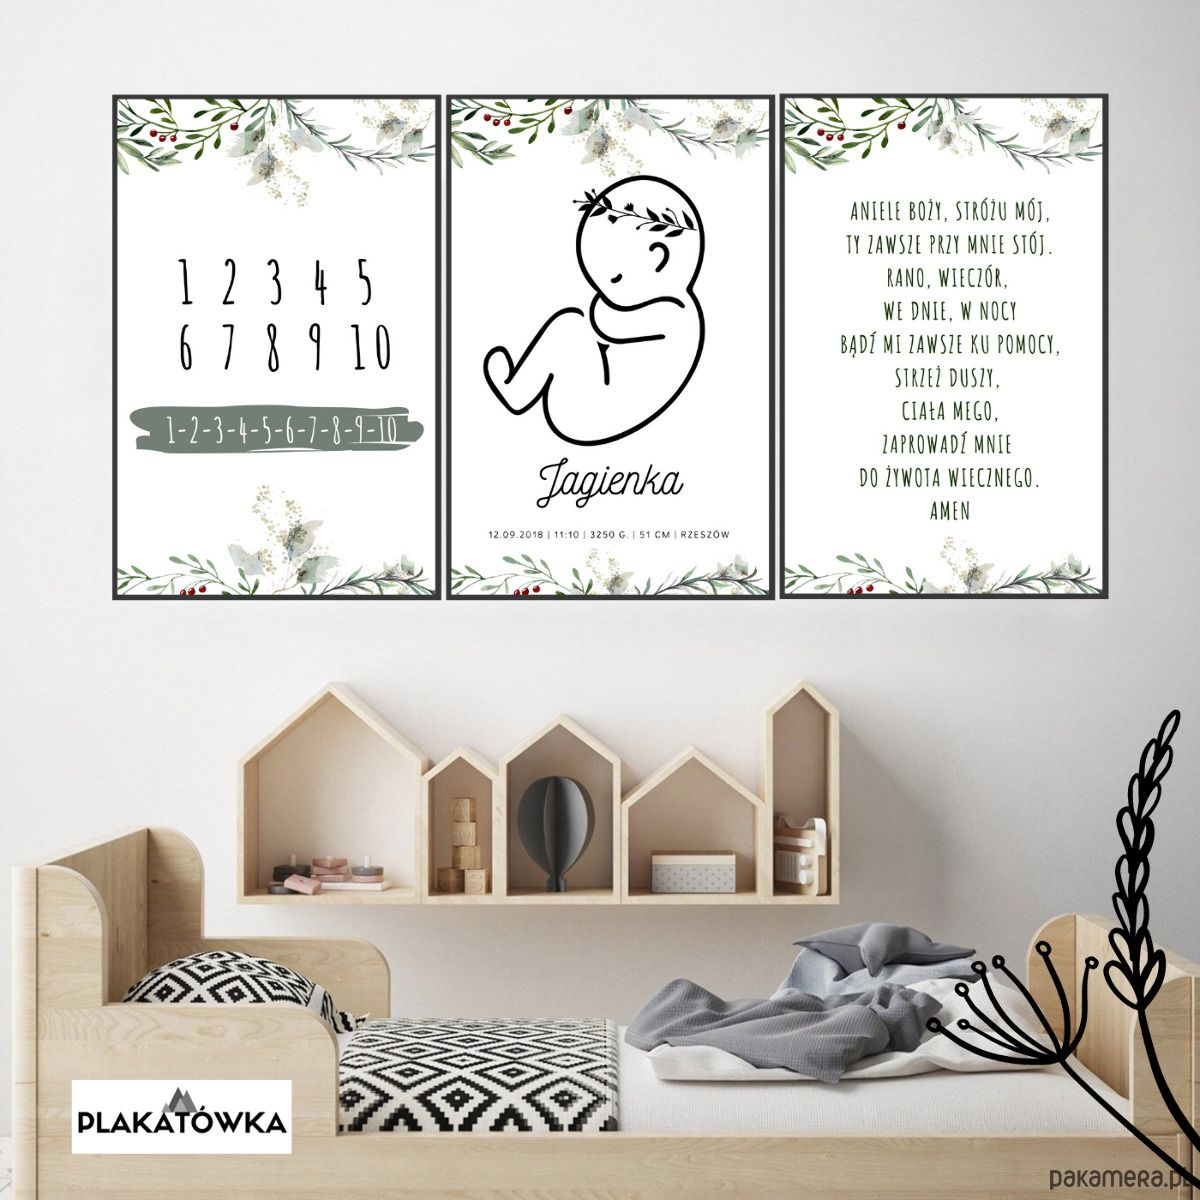 3 Plakaty Dla Dzieci Metryczka Aniele Bozy Zestaw Pakamera Pl Home Decor Kids Poster Home Decor Decals